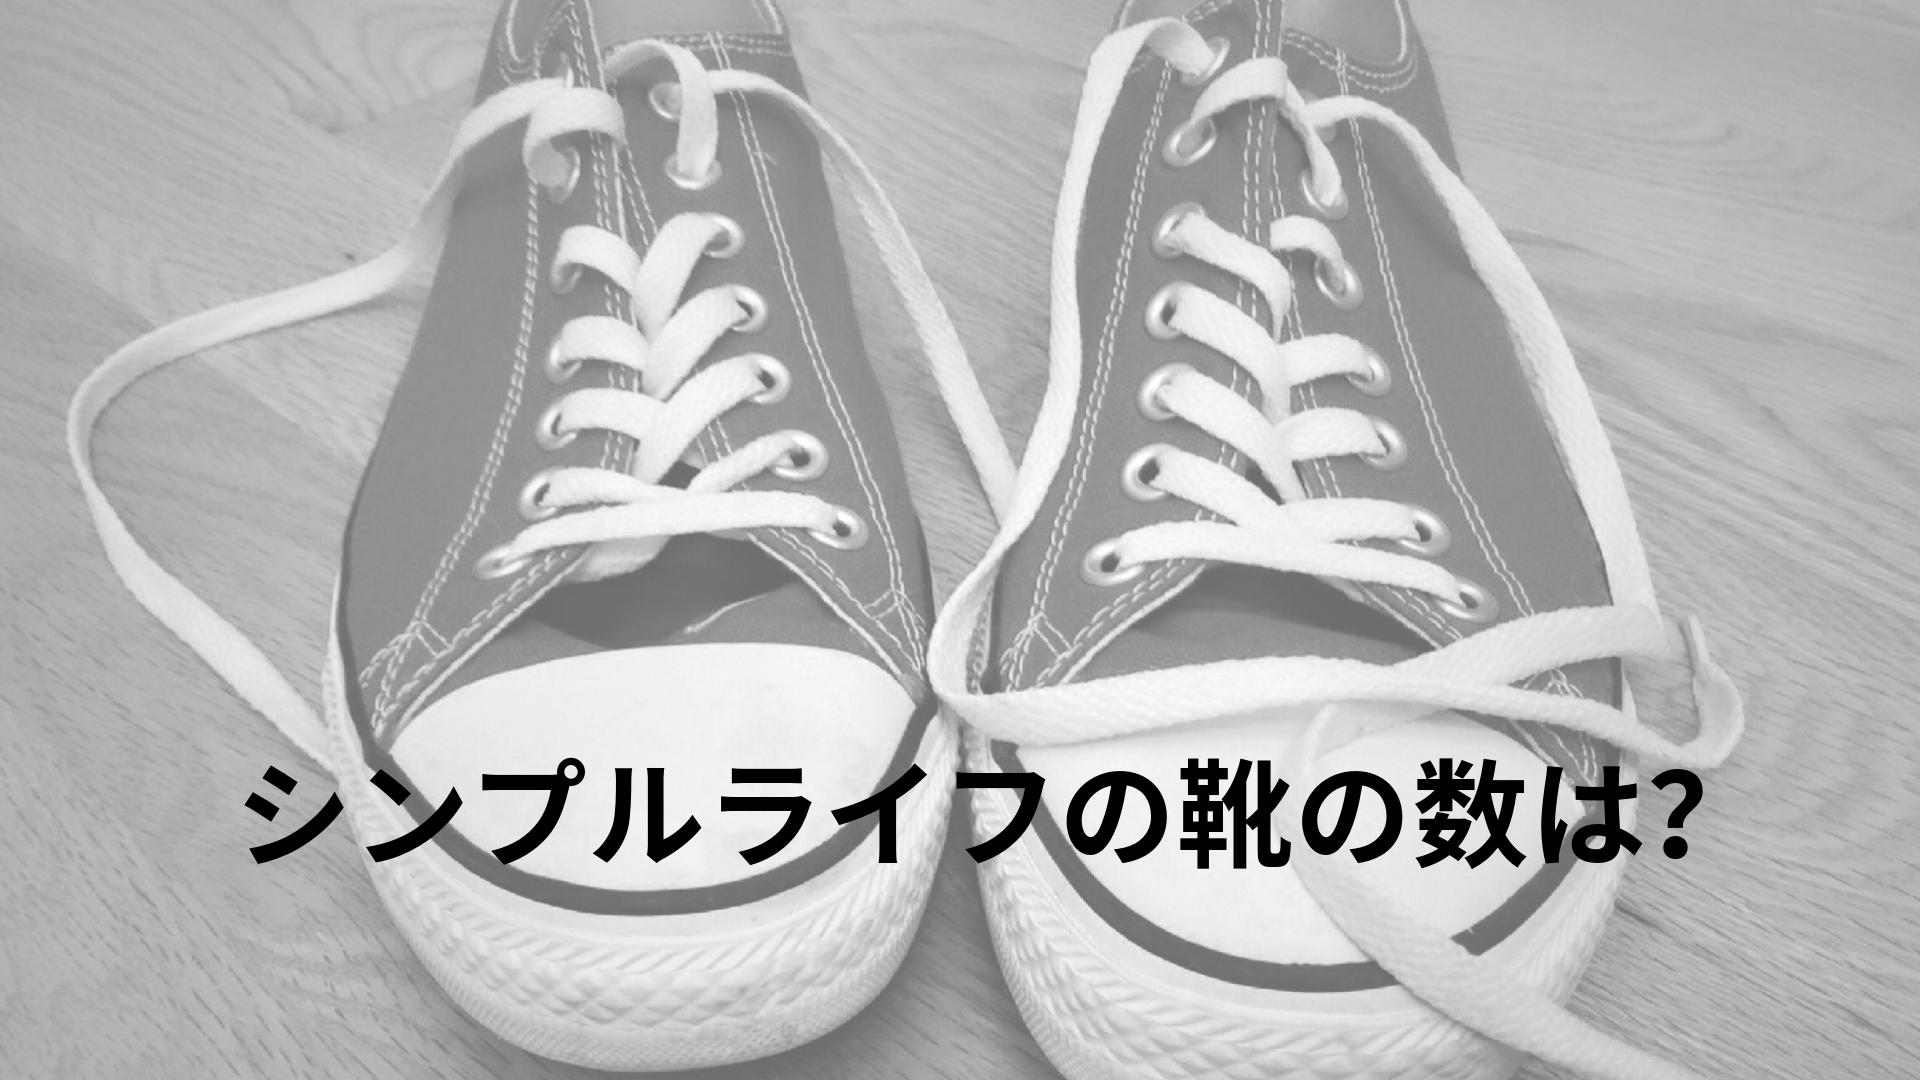 シンプルライフの靴の数は?